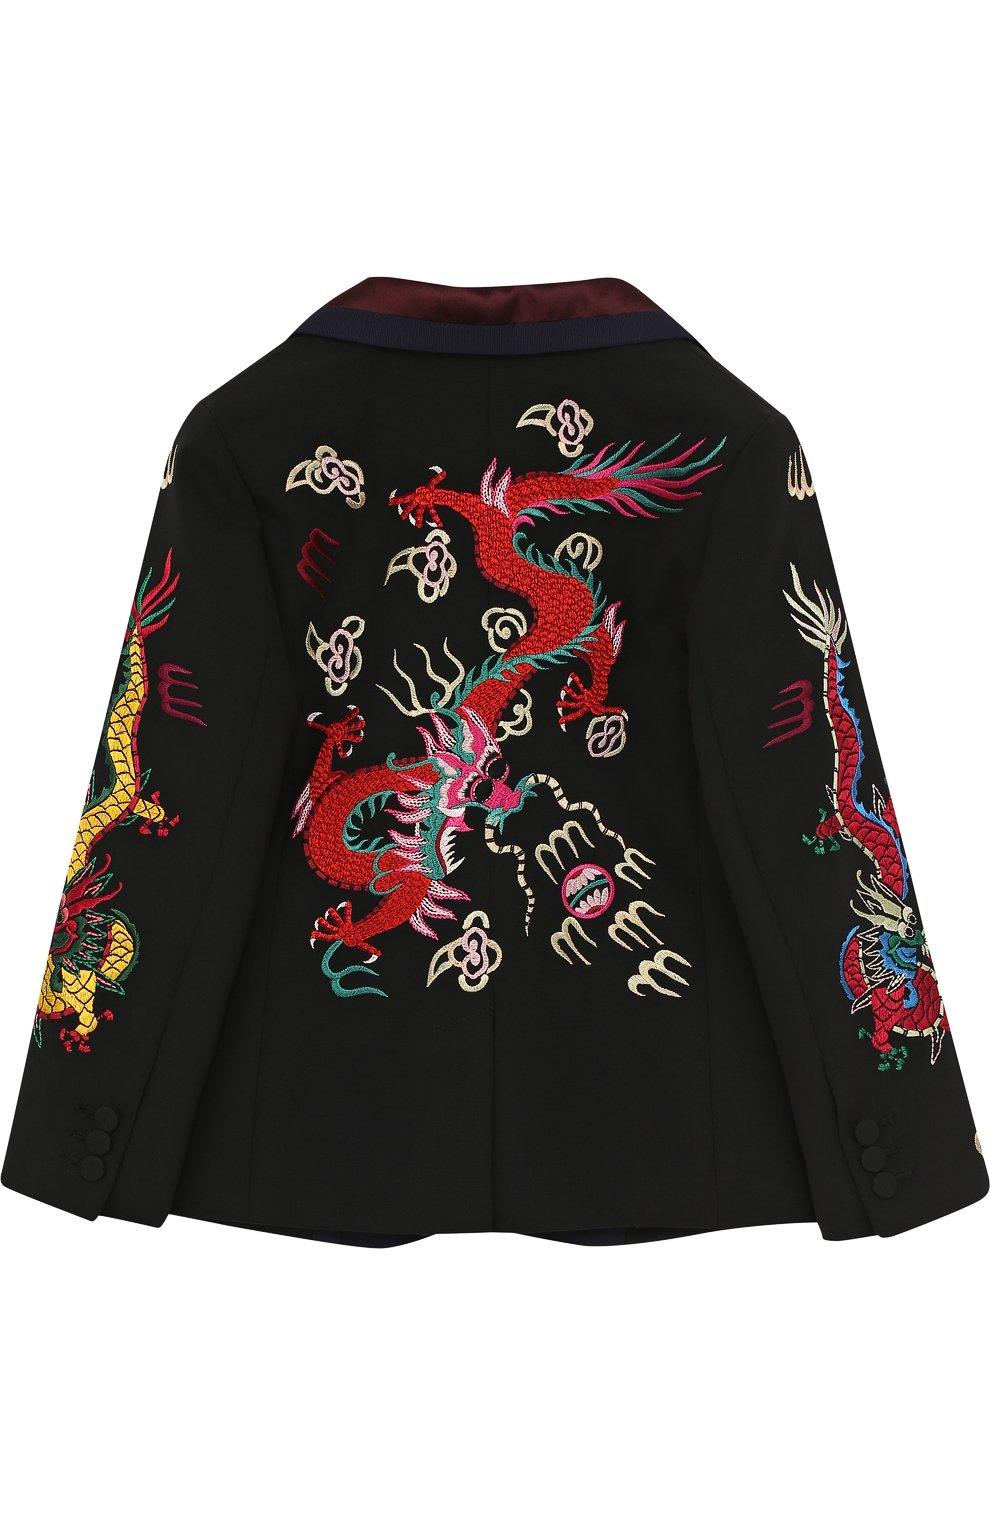 Пиджак на двух пуговицах с контрастной вышивкой | Фото №2